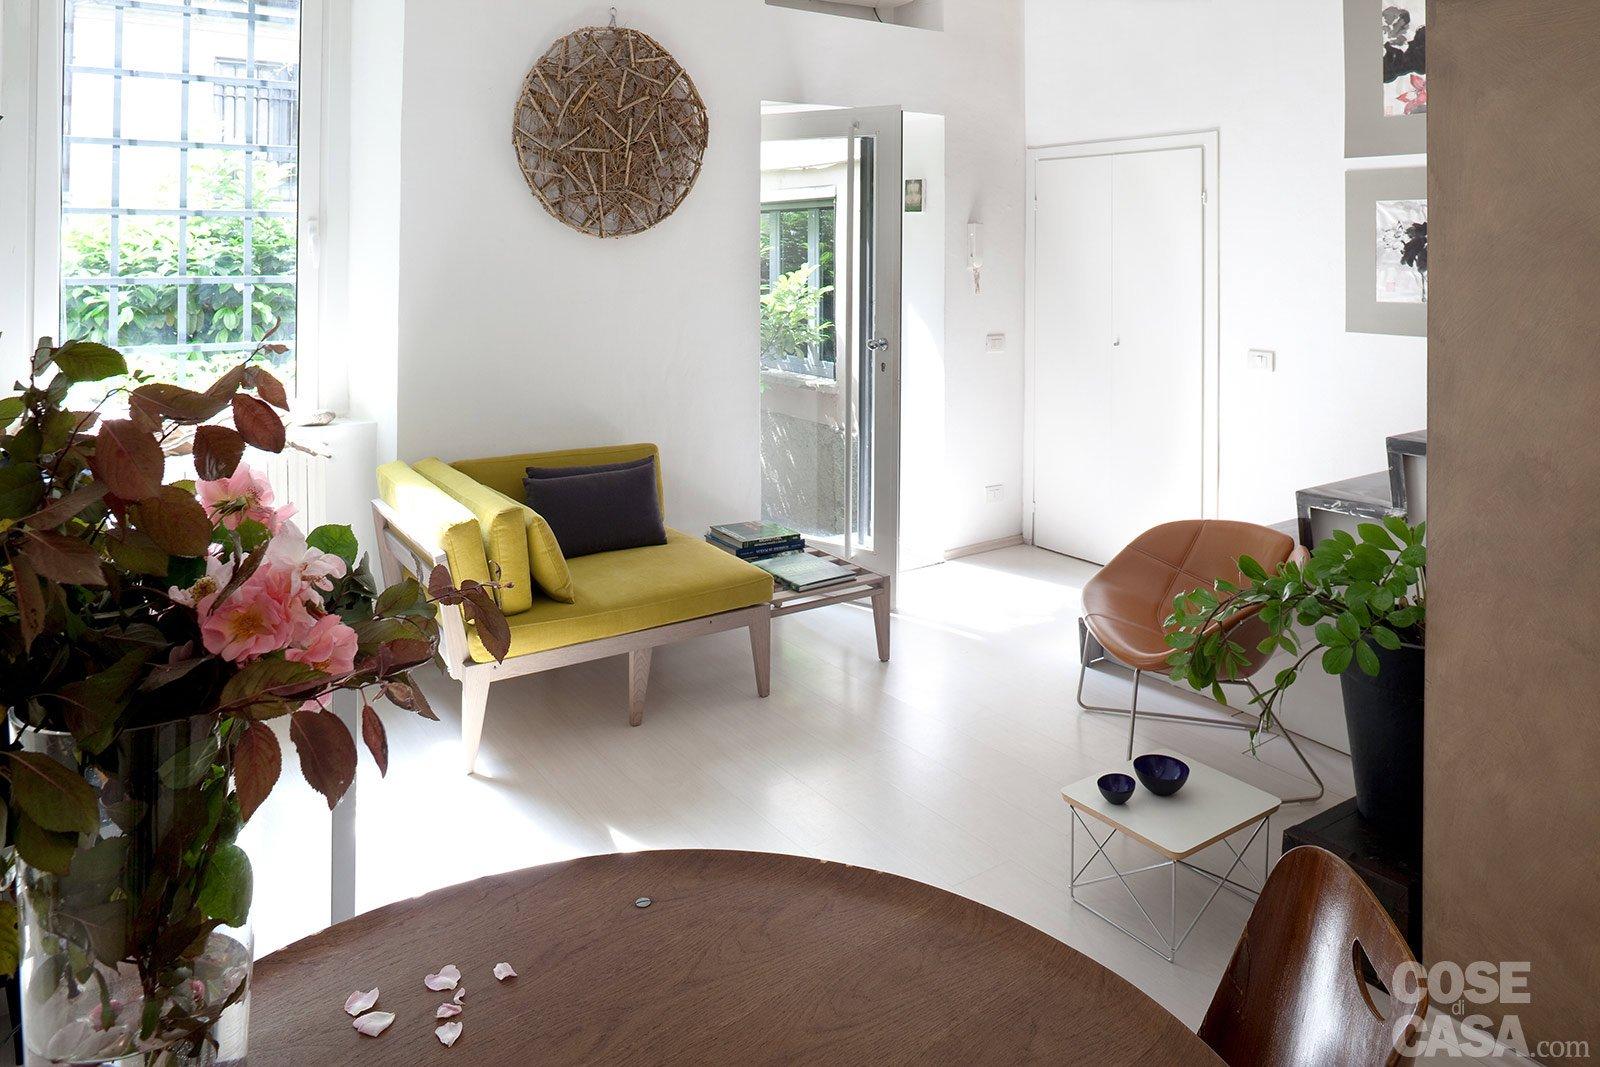 Monolocale: Una Casa Di 30 Mq Risolta Al Centimetro Cose Di Casa #475E22 1600 1067 Arredare Cucina Soggiorno Di 30 Mq